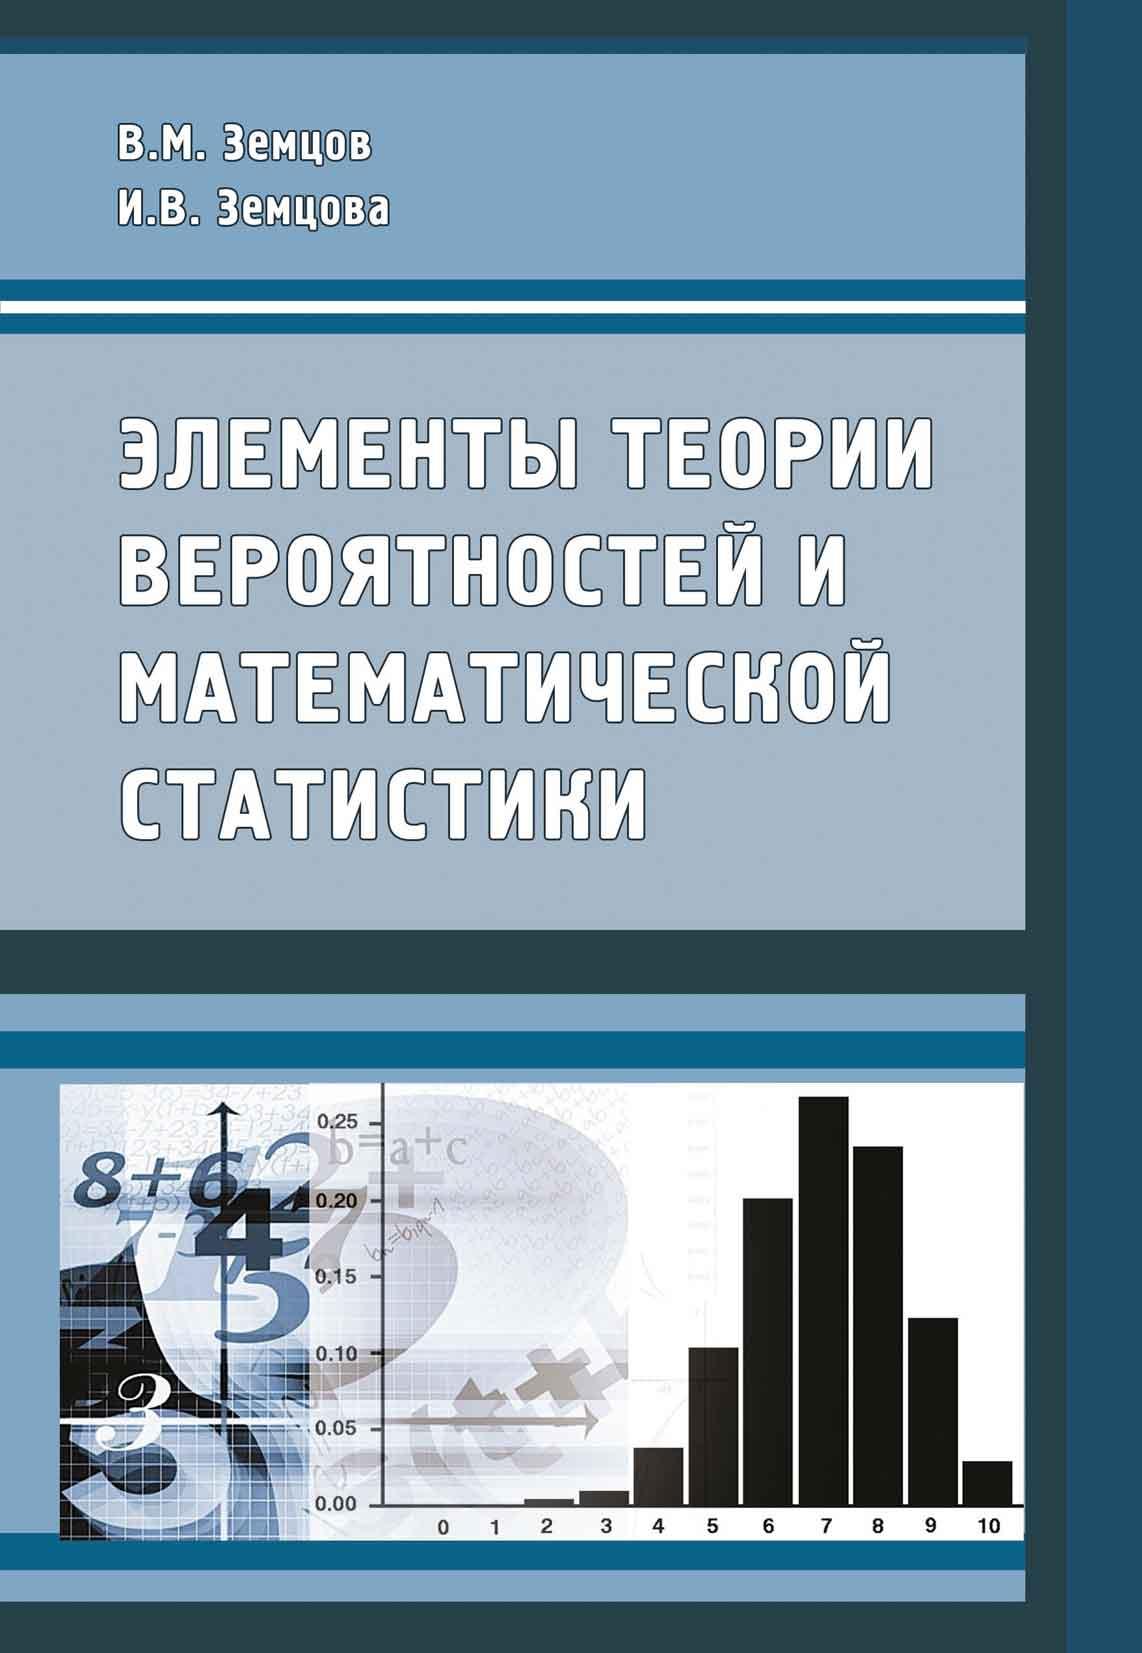 В. М. Земцов Элементы теории вероятностей и математической статистики а е захарова элементы теории вероятностей комбинаторики и статистики в основной школе